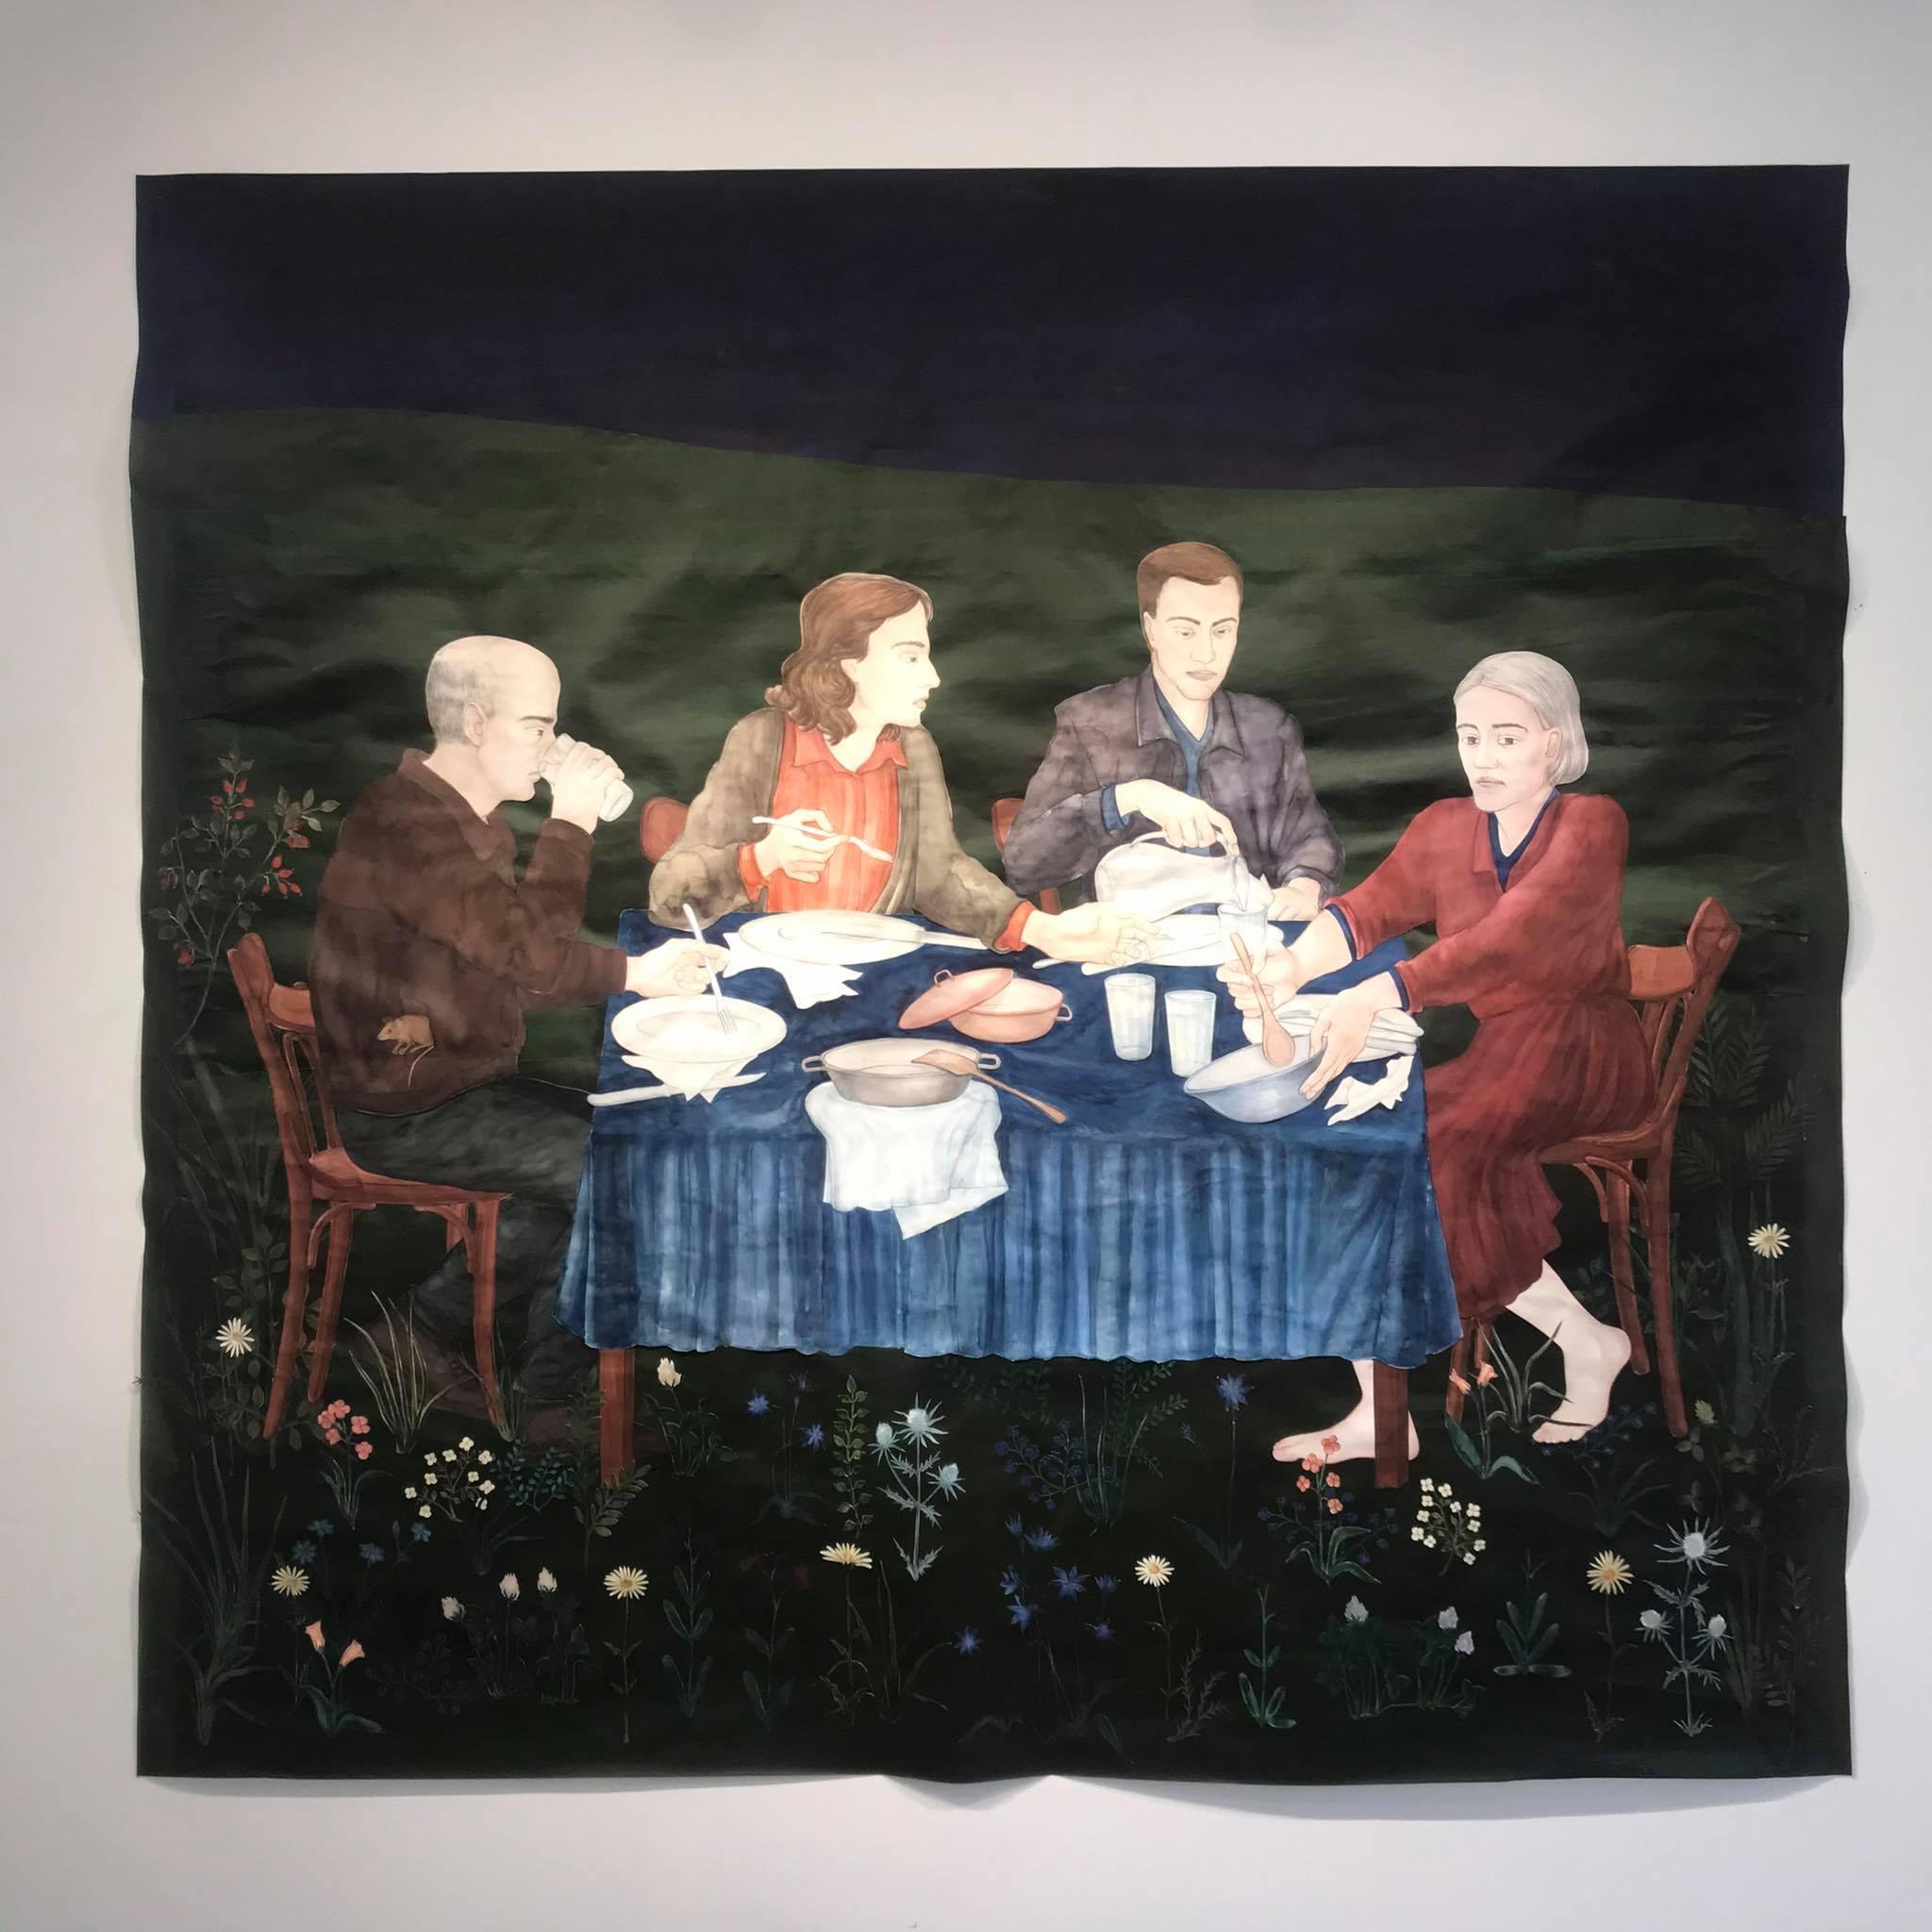 156058367 3956620171061475 3242911742455078880 n грузинская художница грузинская художница